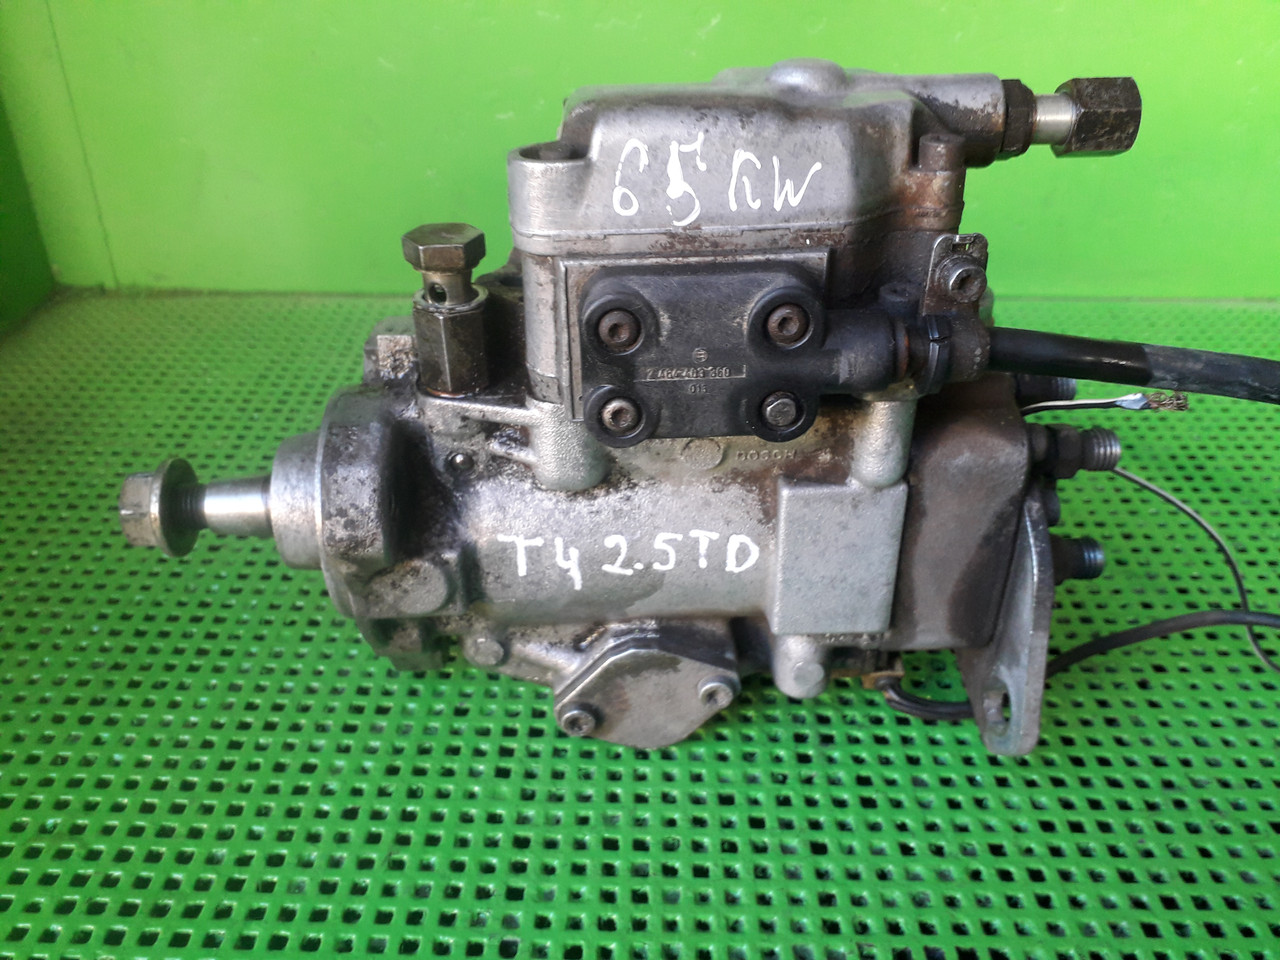 074130115b Топливный насос высокого давления ТНВД для Volkswagen T4 (Transporter) 2.5TD